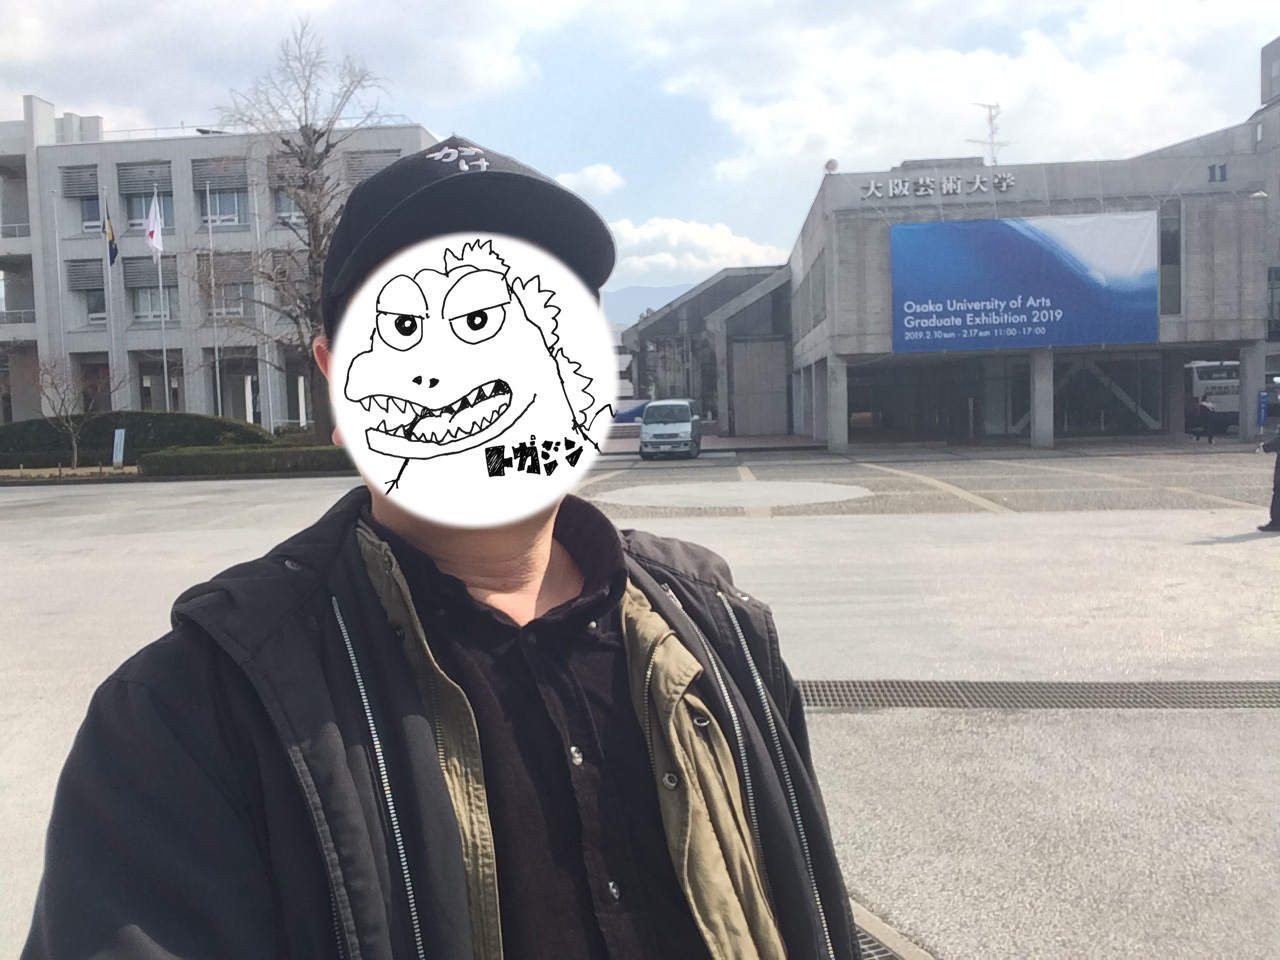 20190217 大学正面にて(マスク)